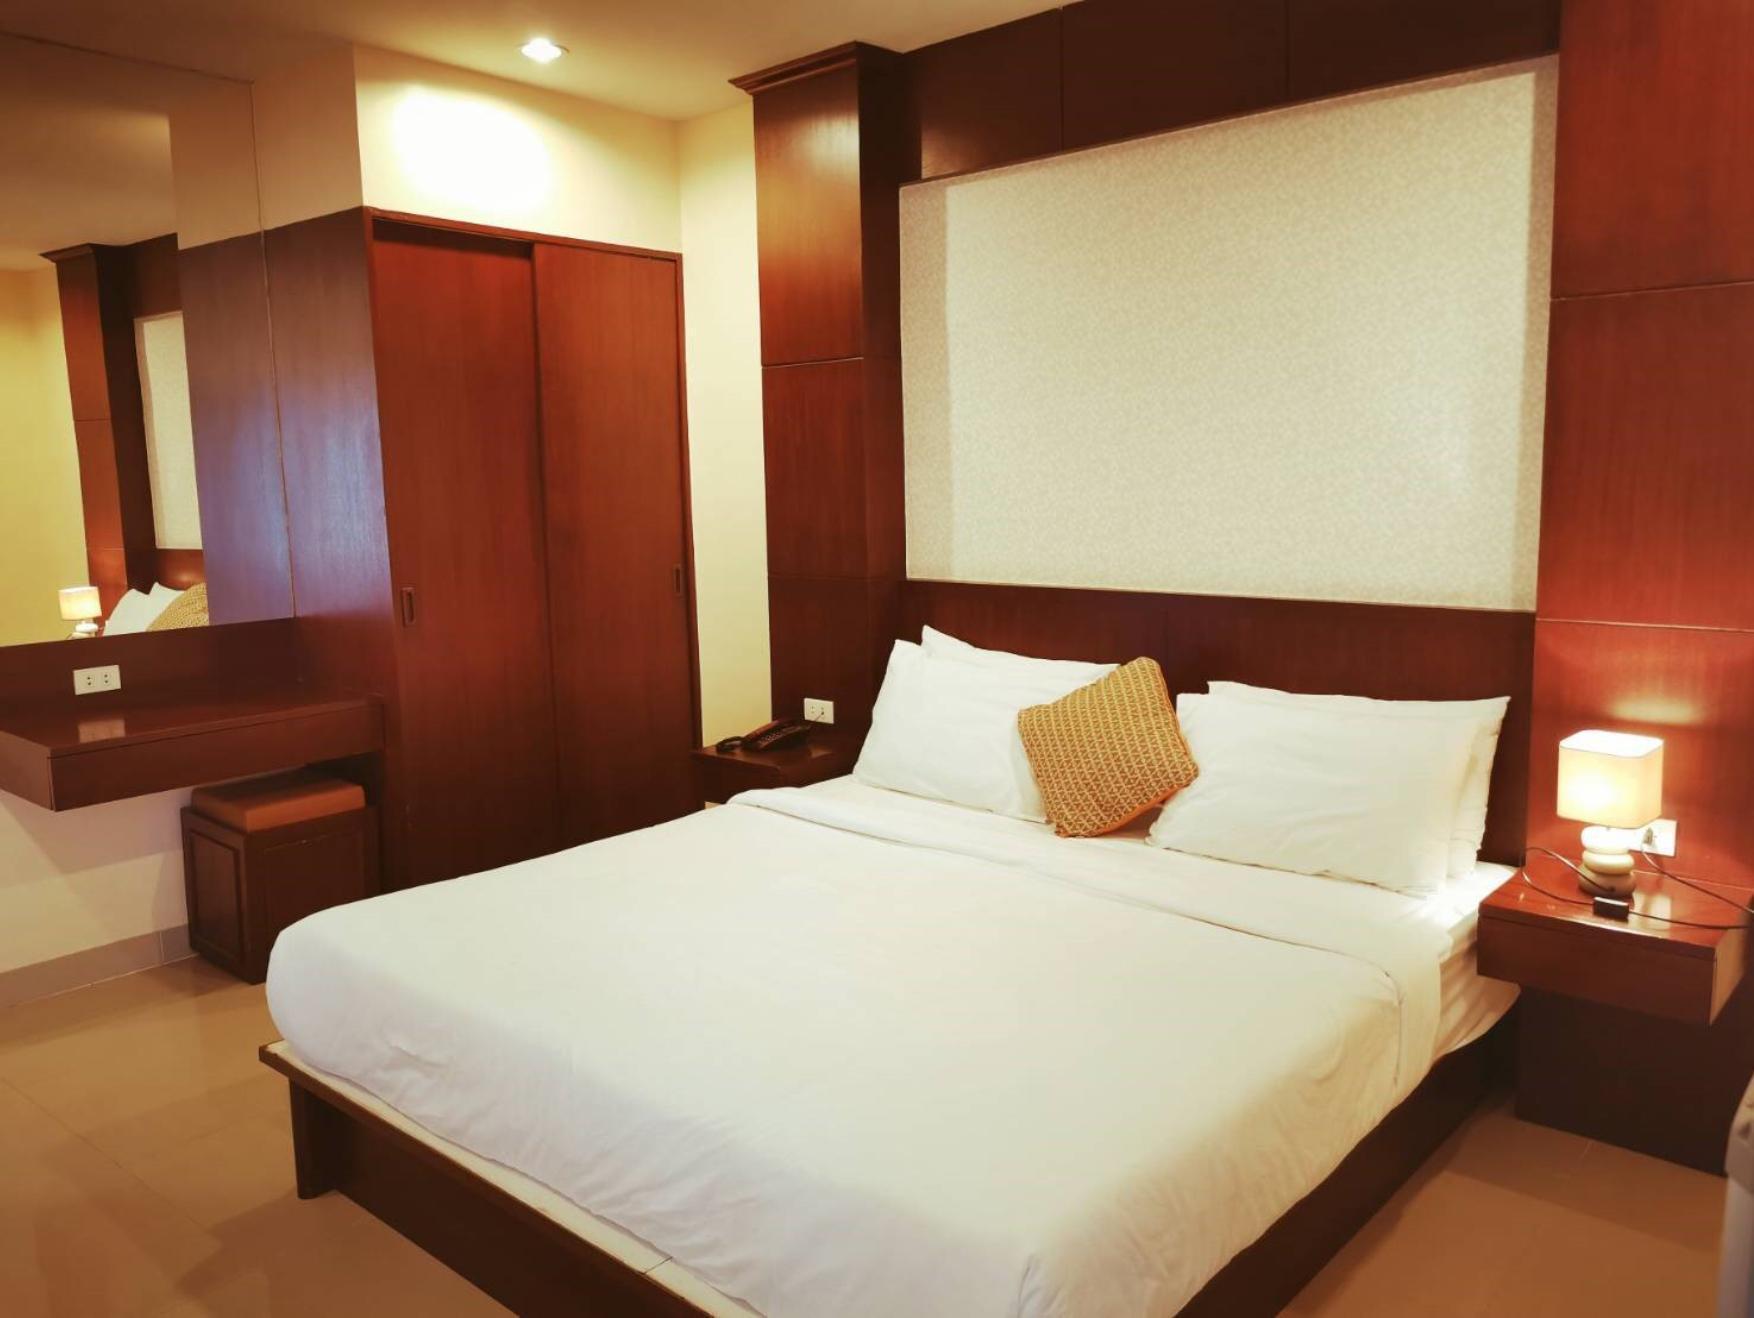 Skama Residency อพาร์ตเมนต์ 21 ห้องนอน 21 ห้องน้ำส่วนตัว ขนาด 60 ตร.ม. – พัทยาใต้